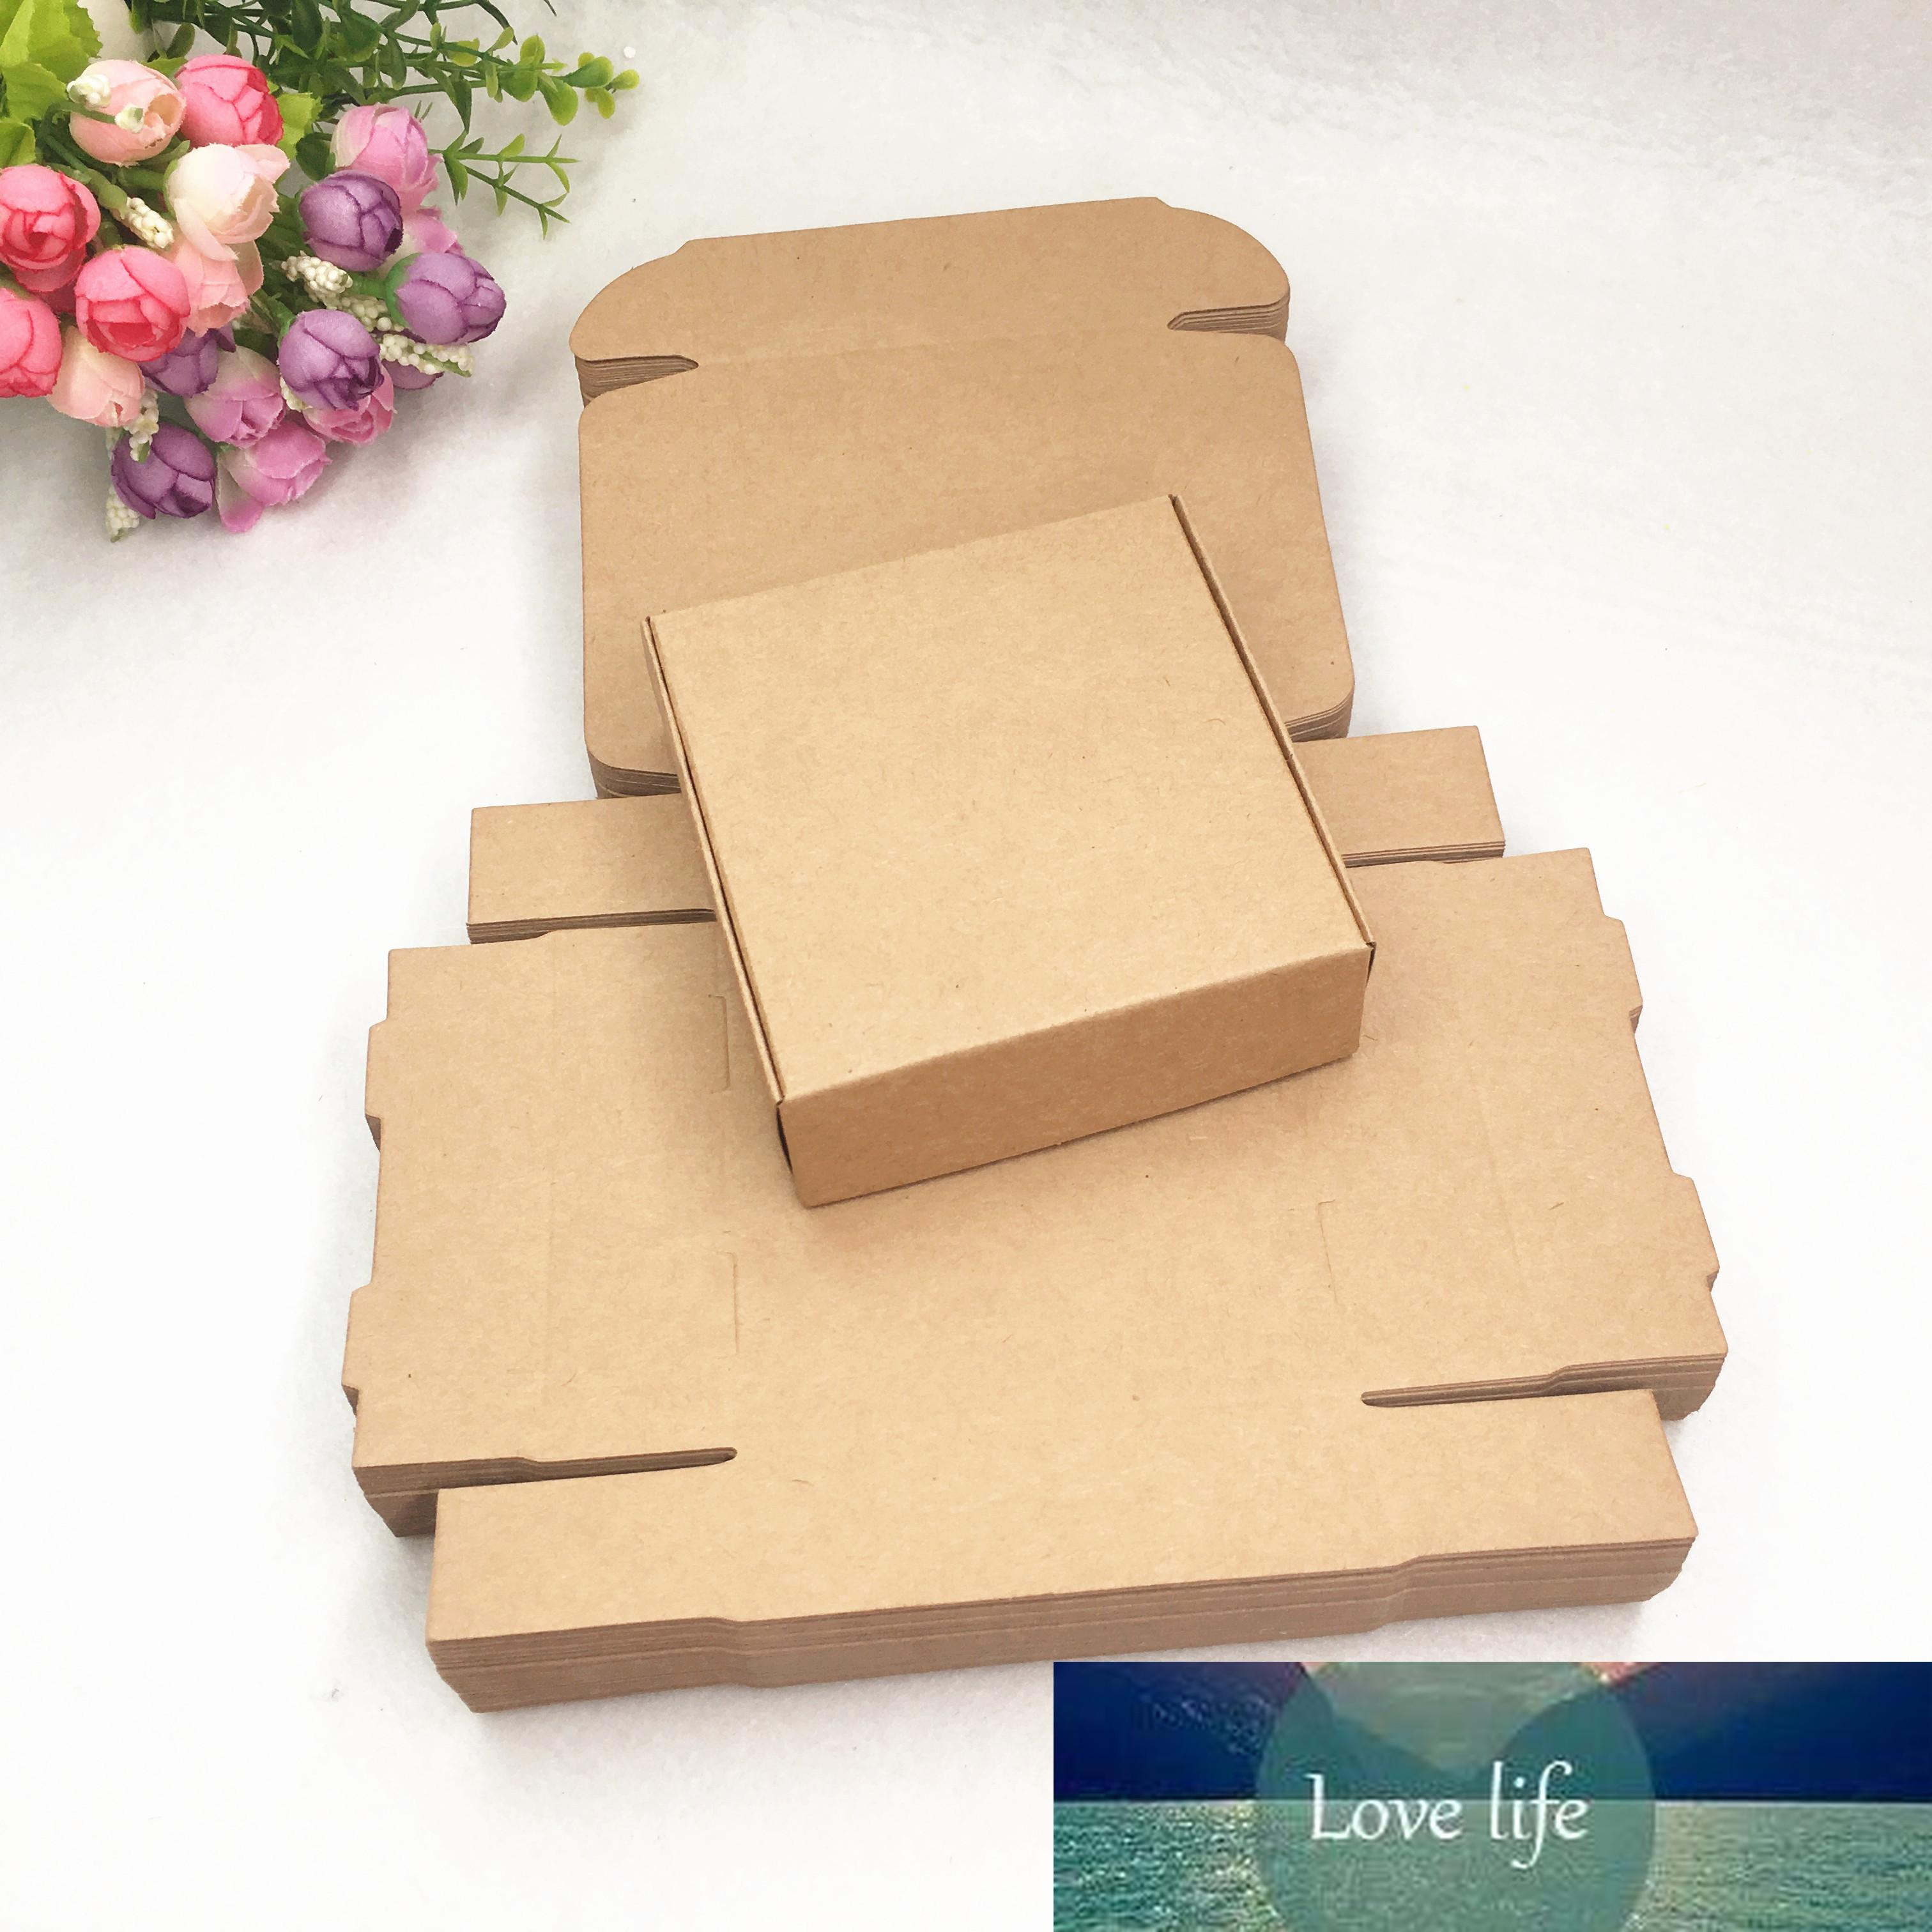 Boîtes cadeaux en papier kraft blanc brun blanc Boîtes d'emballage en carton vierge boîtes artisanales de mariage Favoris de mariage fournitures 10x10x3cm